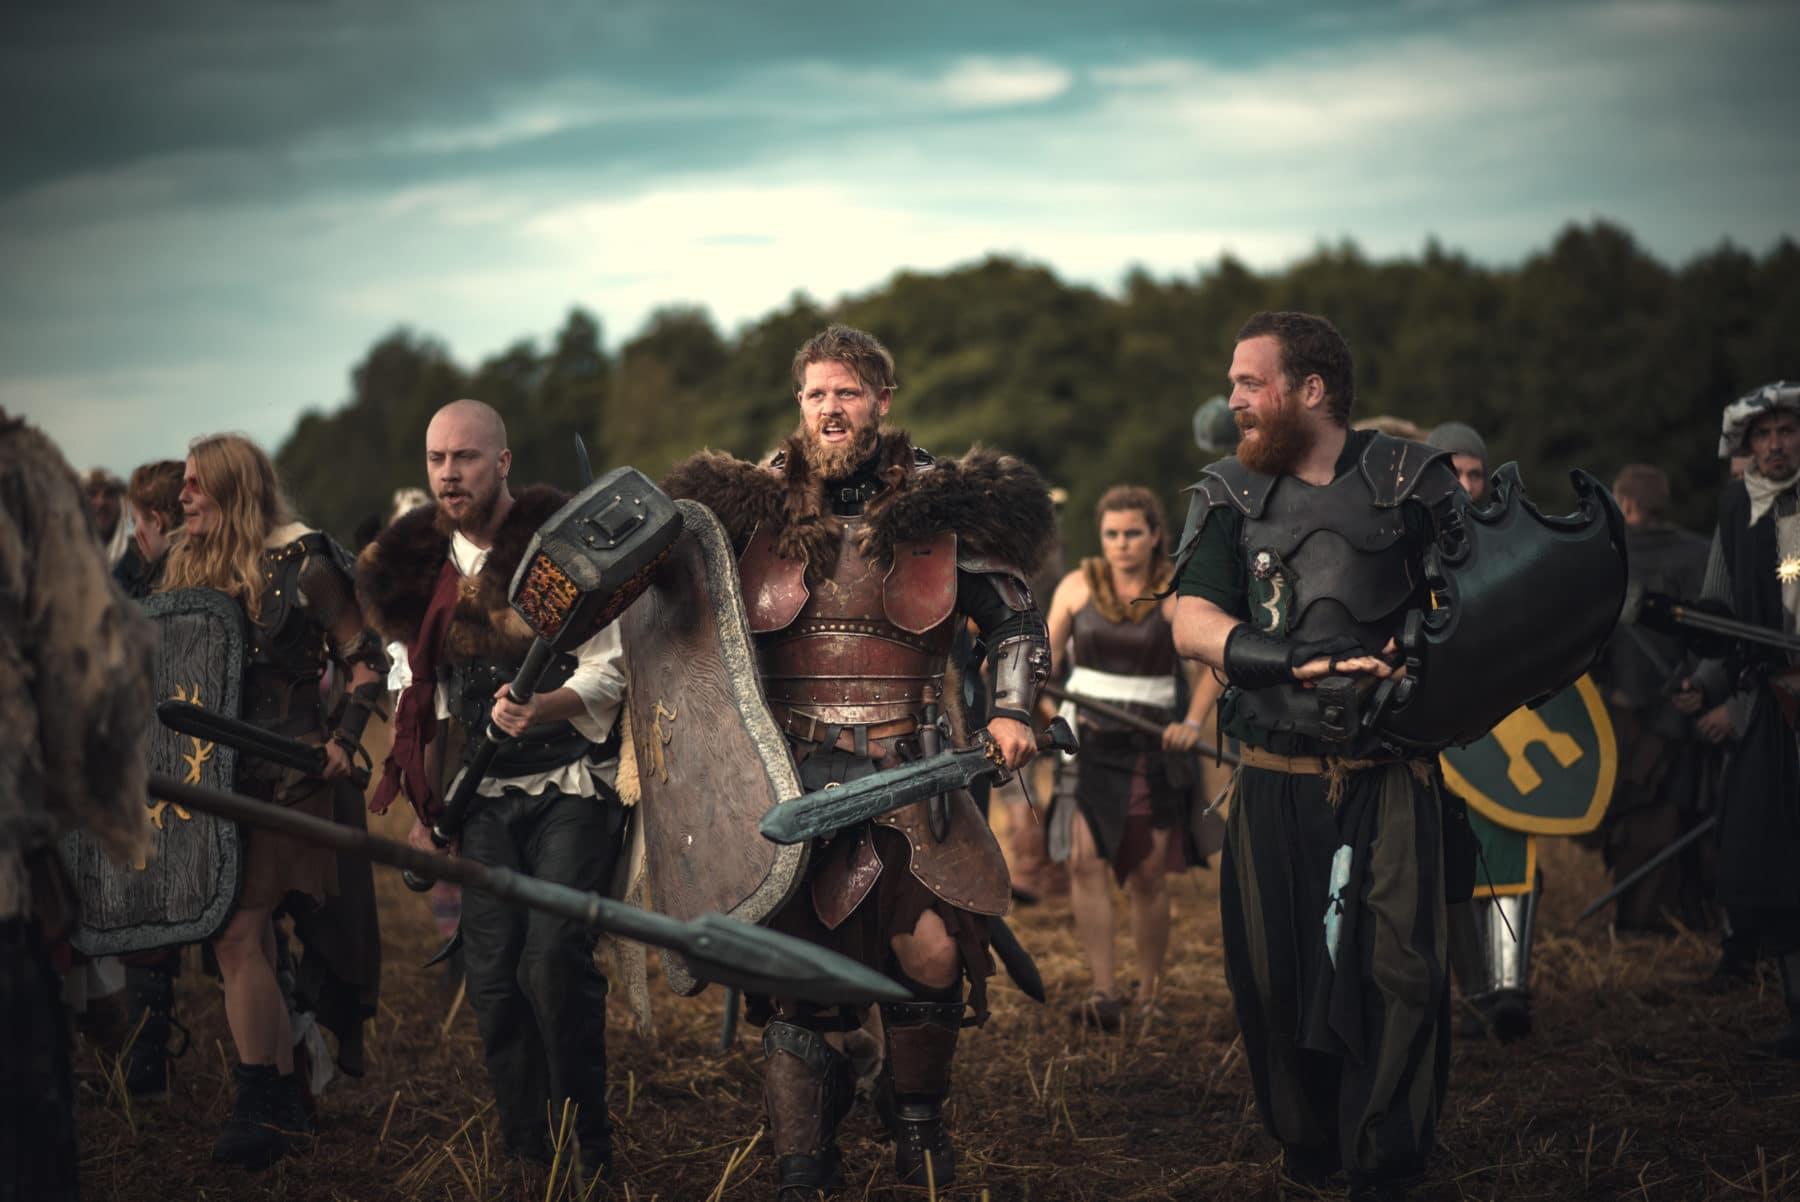 LARP-Gruppe sammelt sich vor der Schlacht